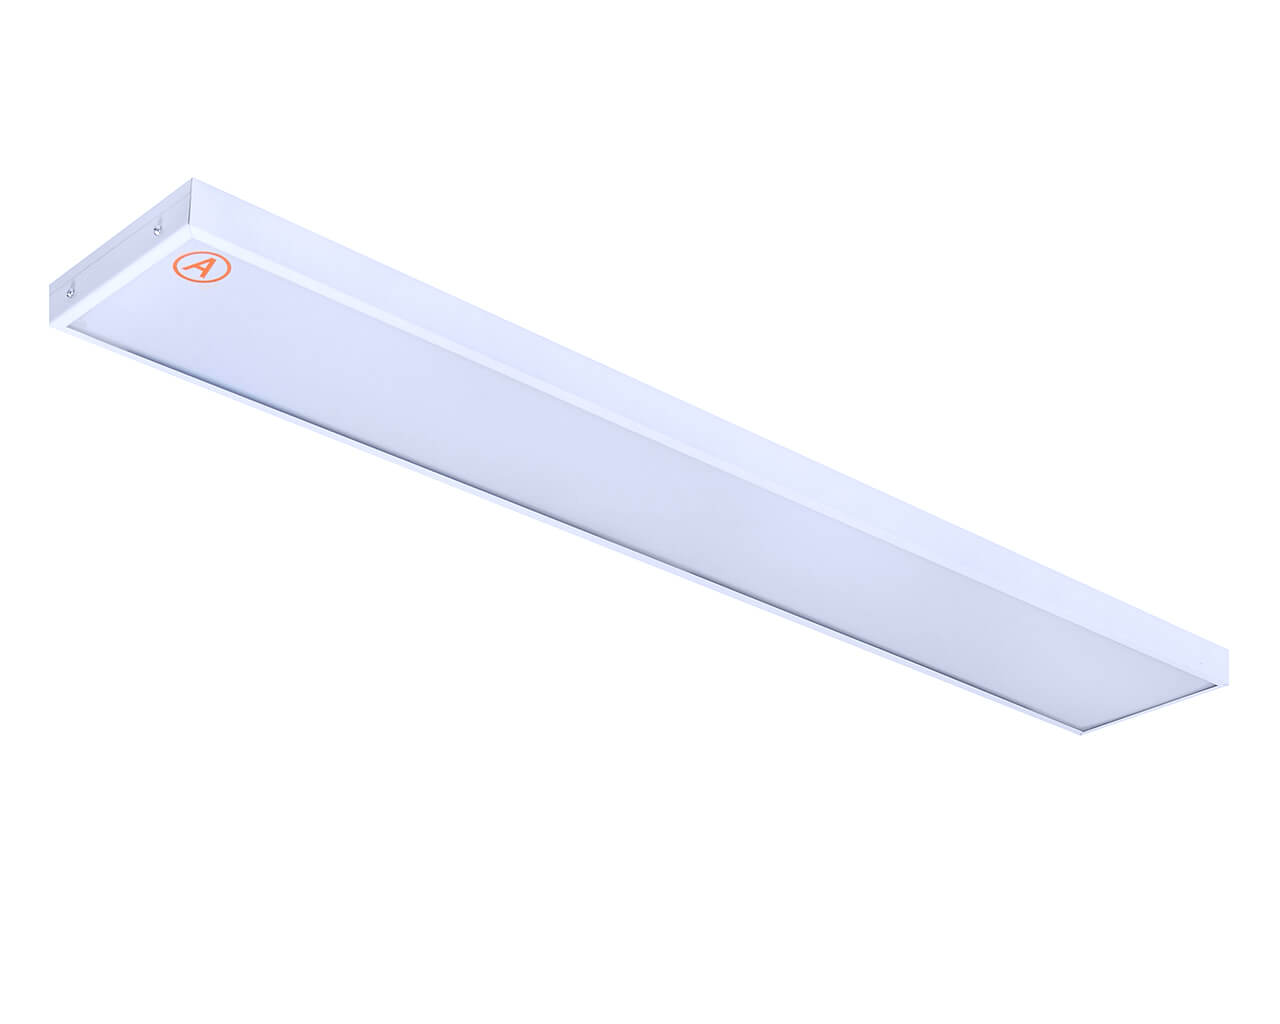 Накладной светильник LC-NS-60-OP-WW ватт 1195x180 Теплый белый Опал с Бап-3 часа